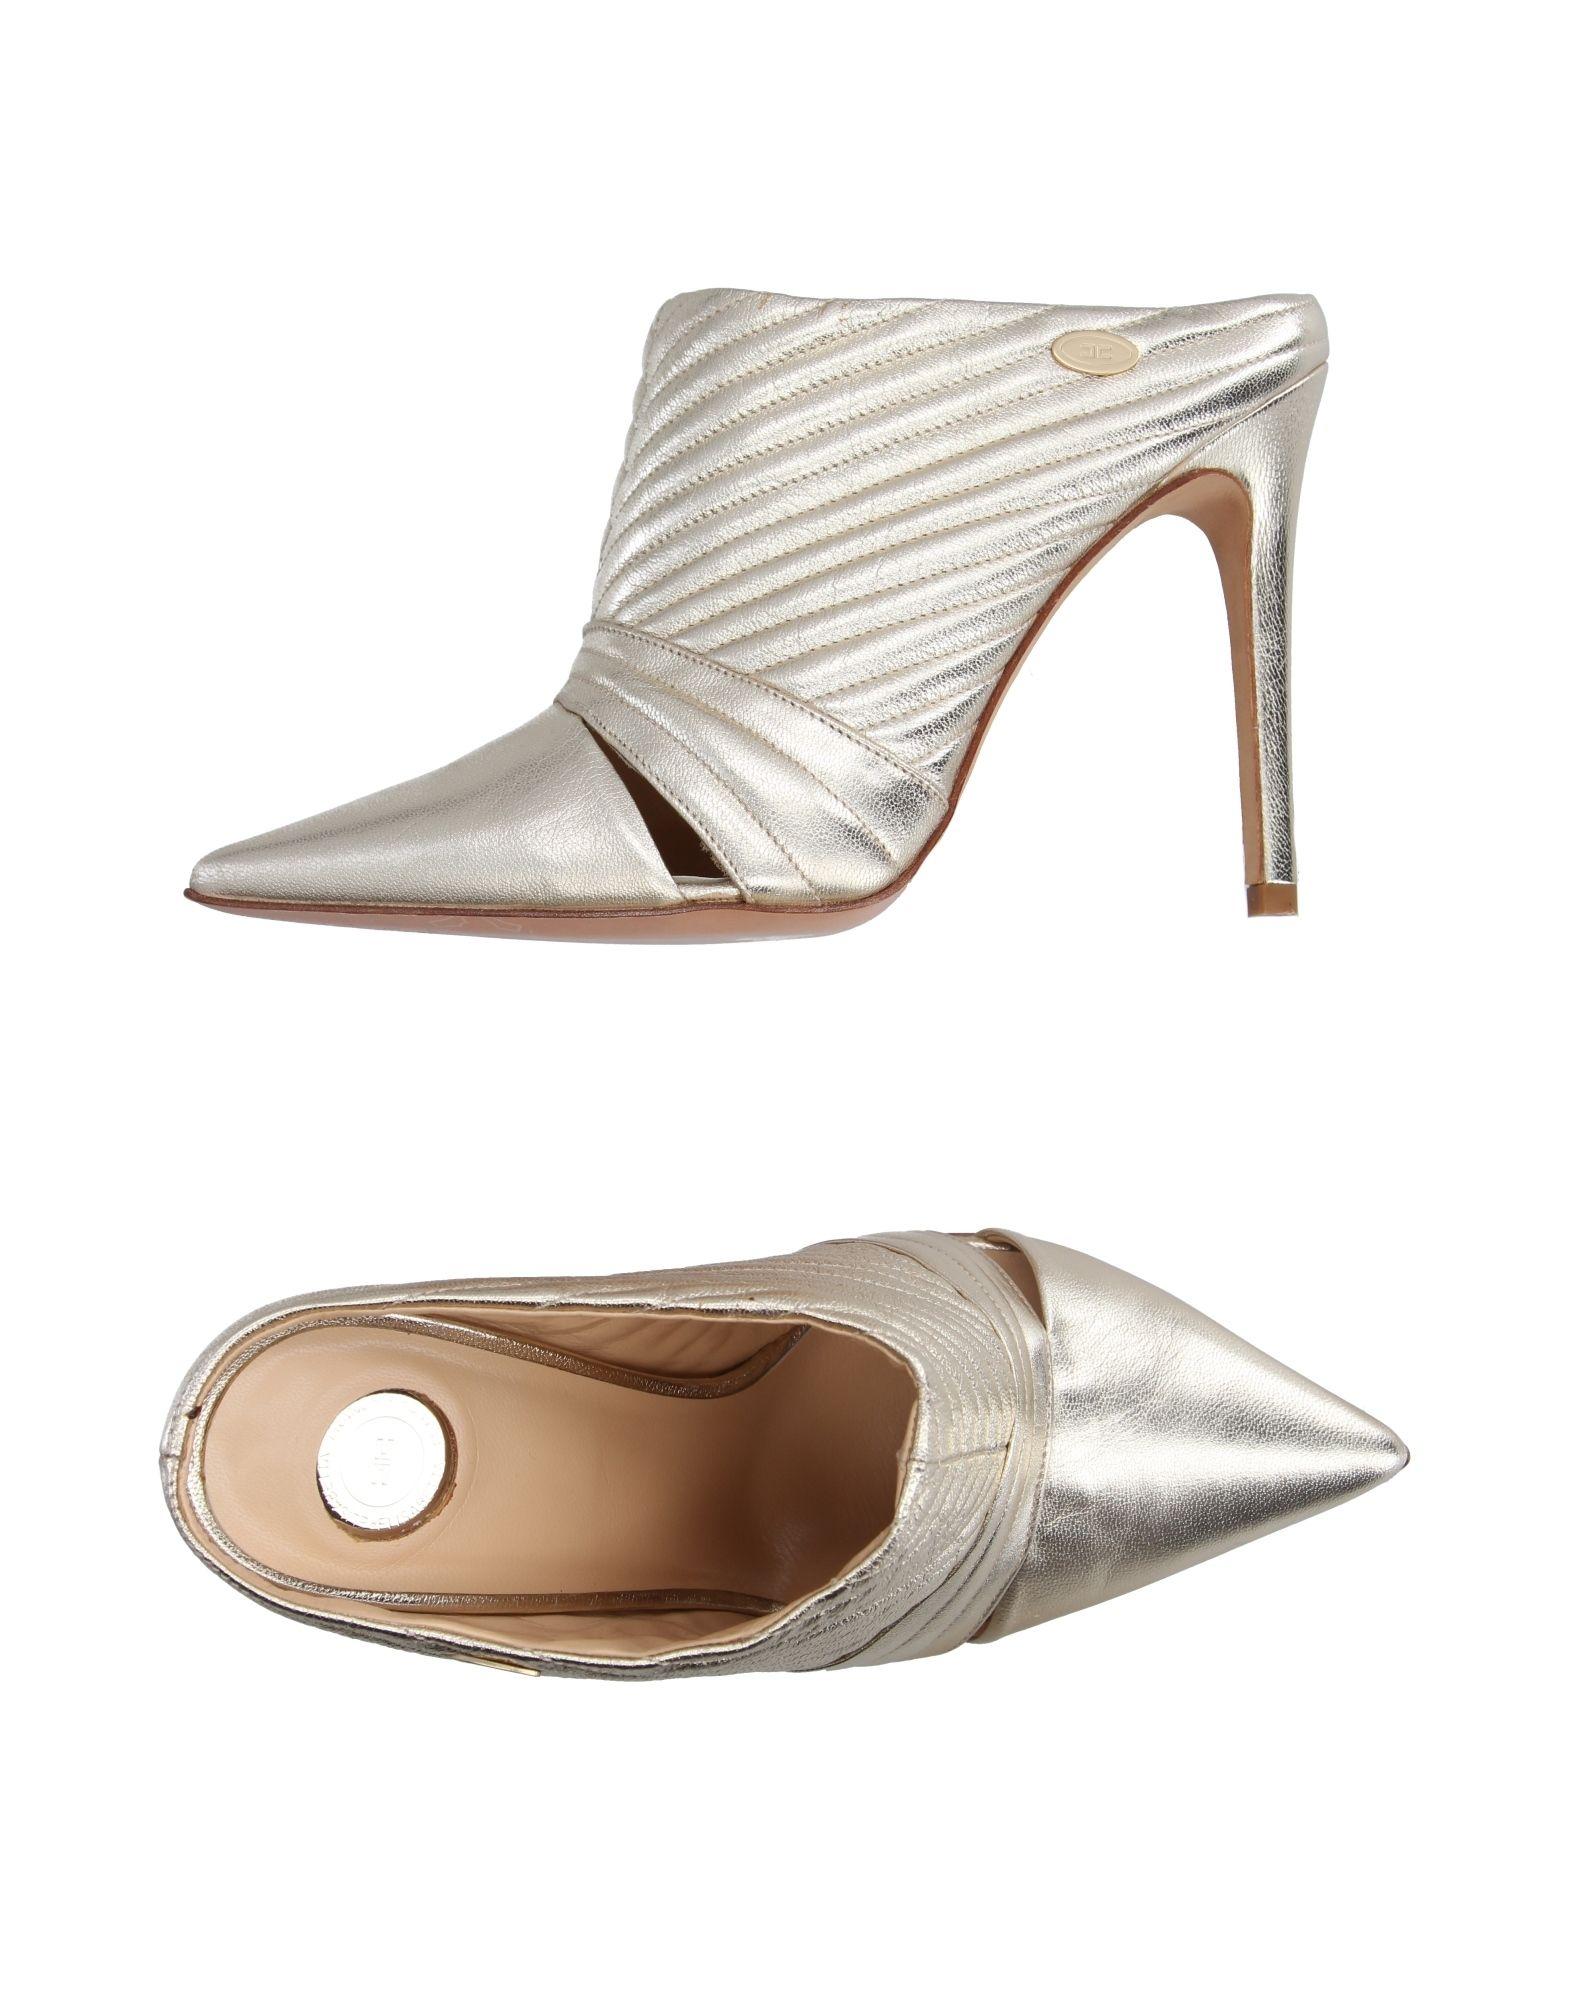 Elisabetta Franchi Pantoletten aussehende Damen  11184074VHGut aussehende Pantoletten strapazierfähige Schuhe 1b712f